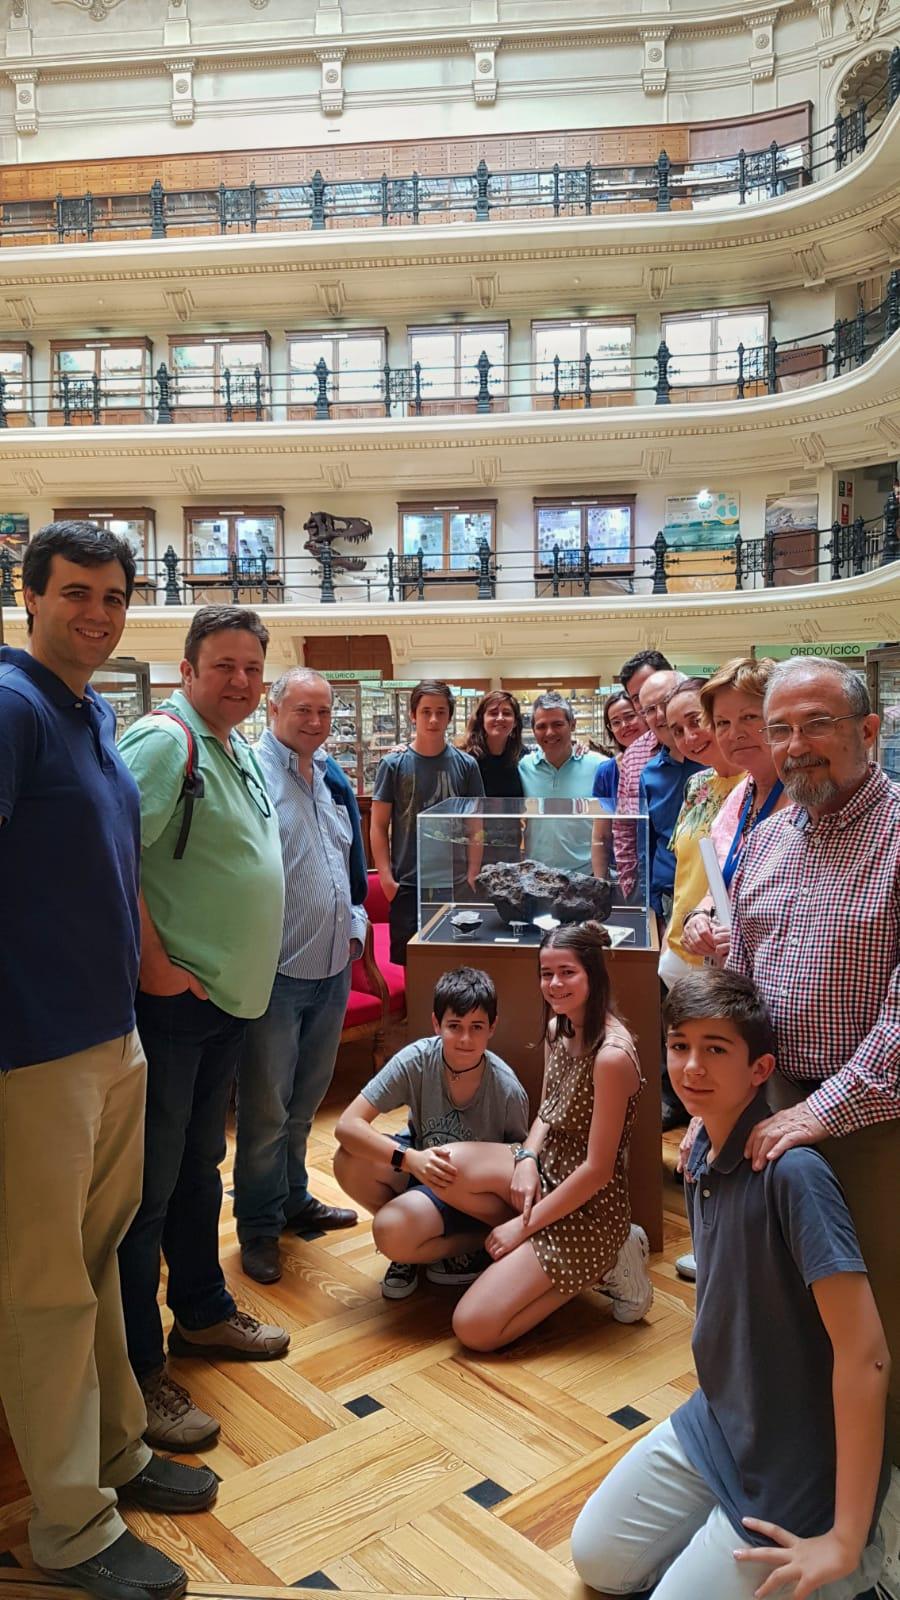 01-06-2019 Visita guiada al Museo Geominero 2019-020